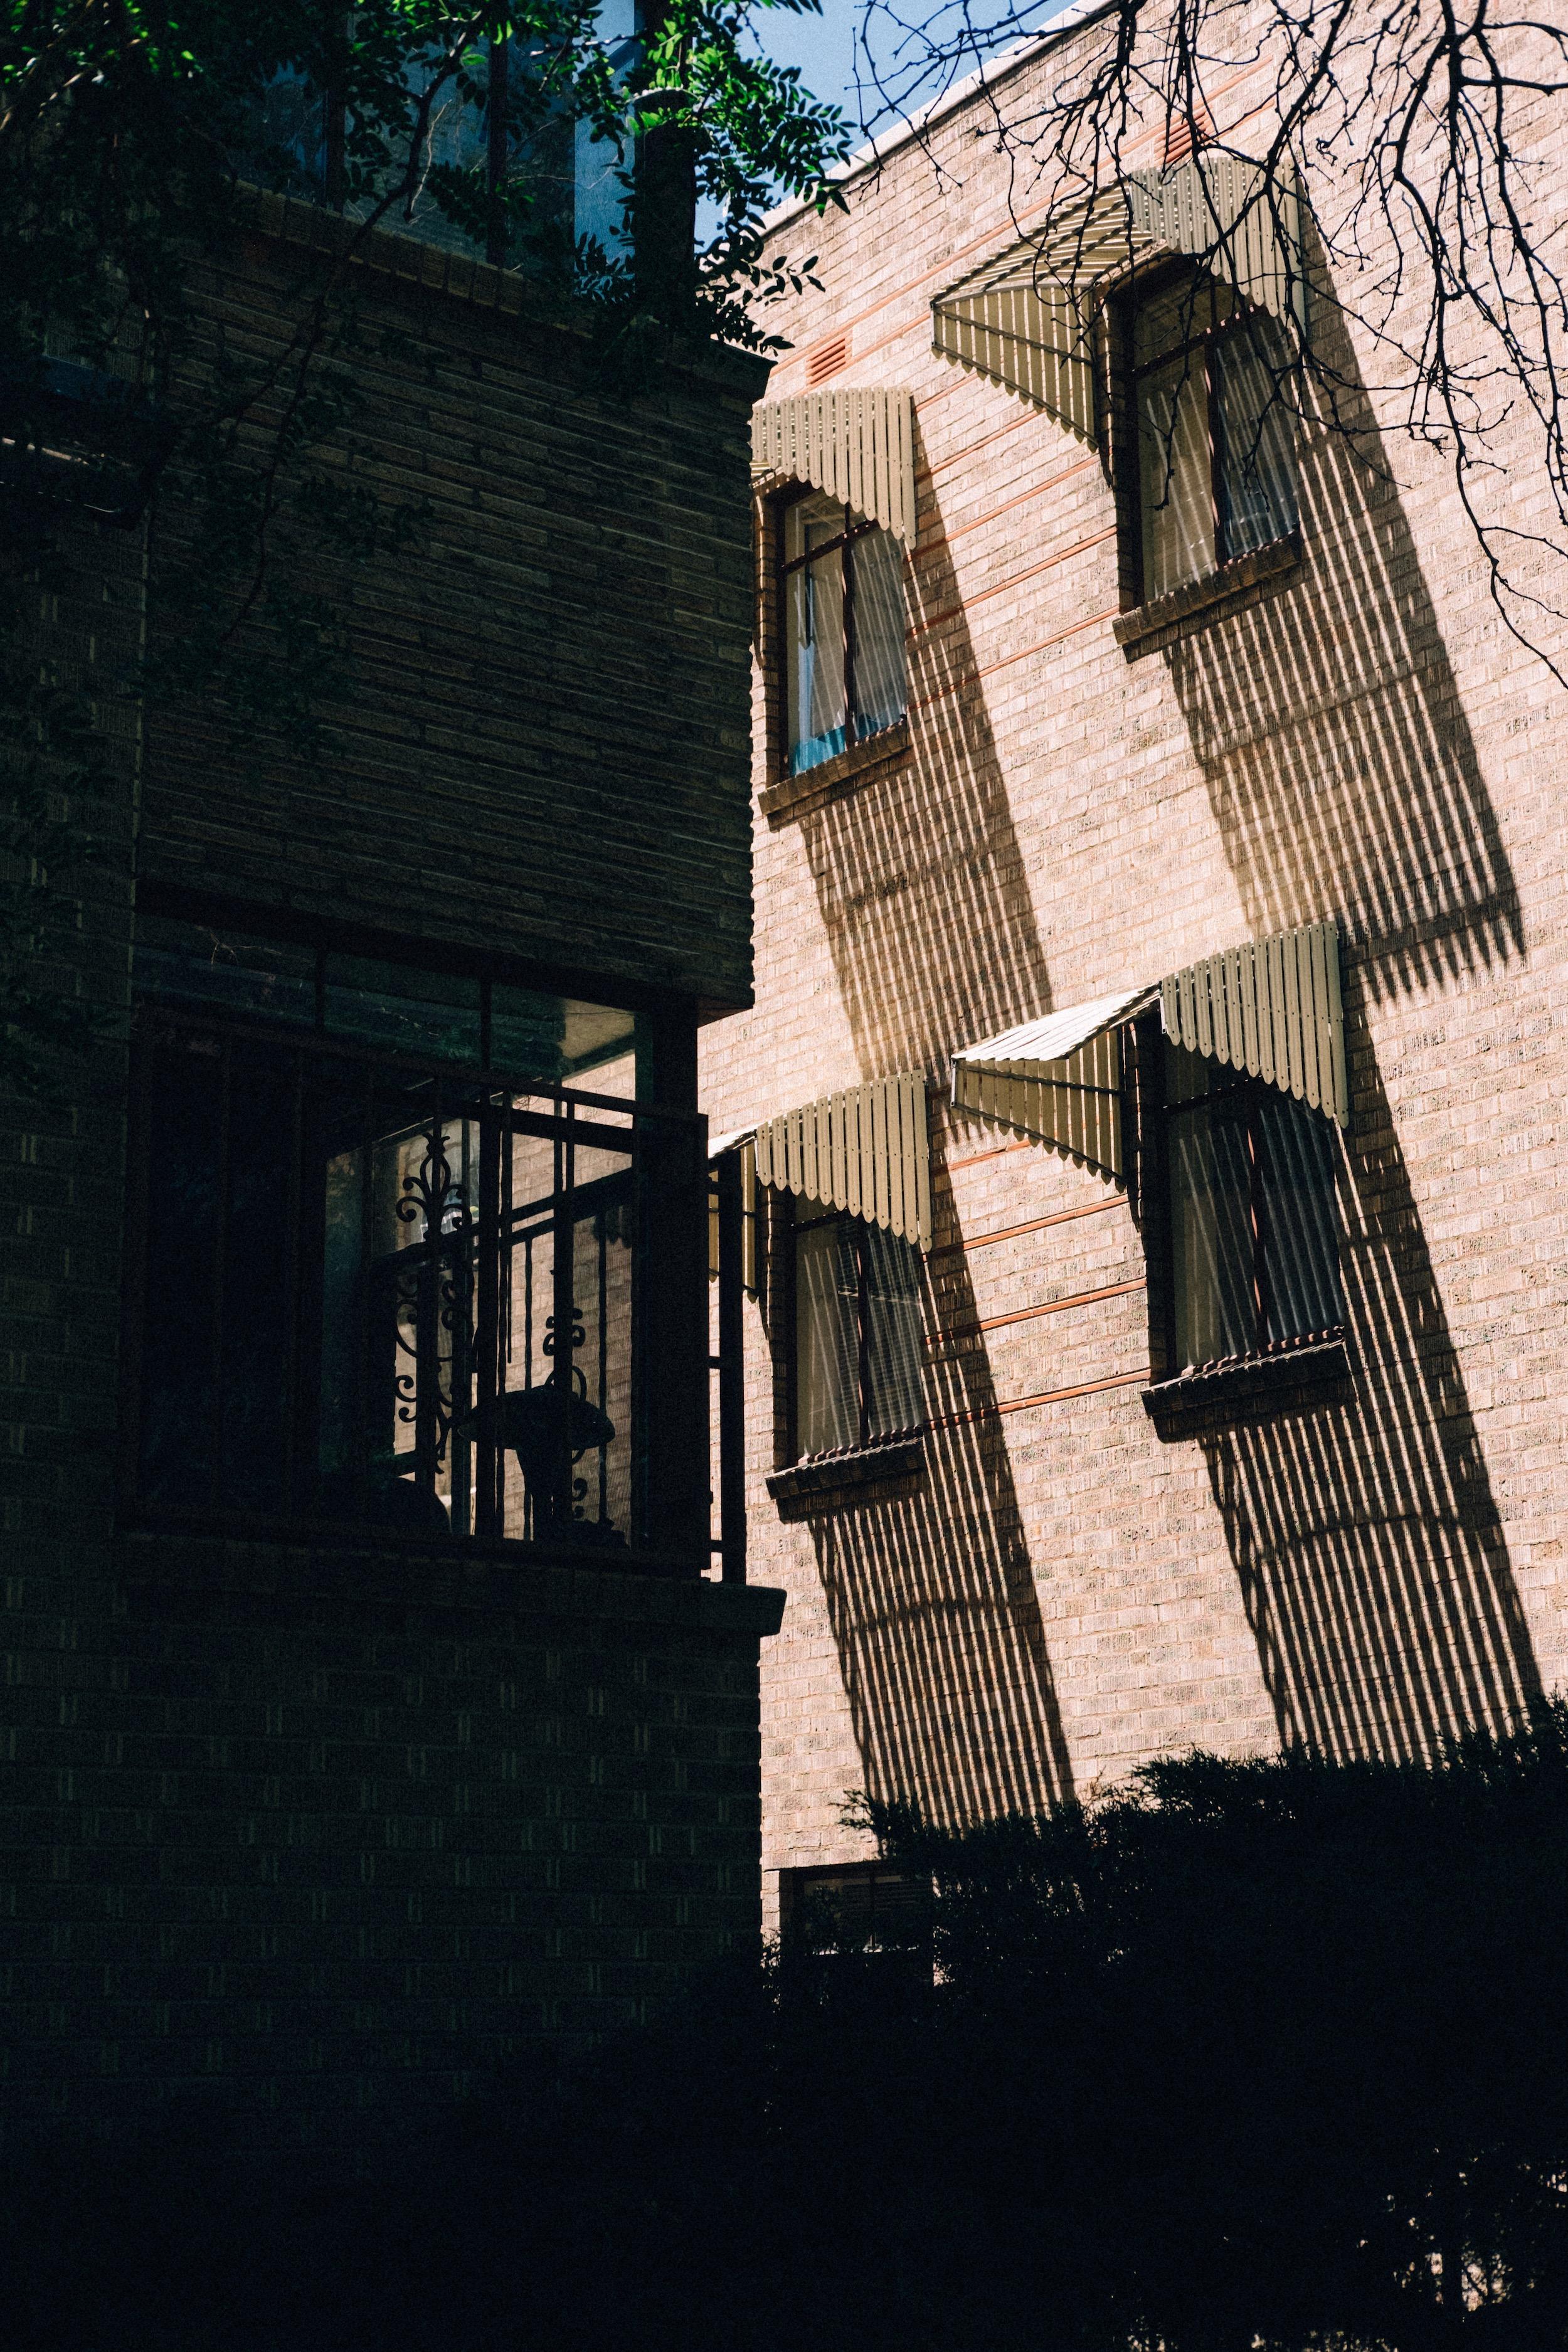 Denver Cap Hill Street Photography - 16.jpeg